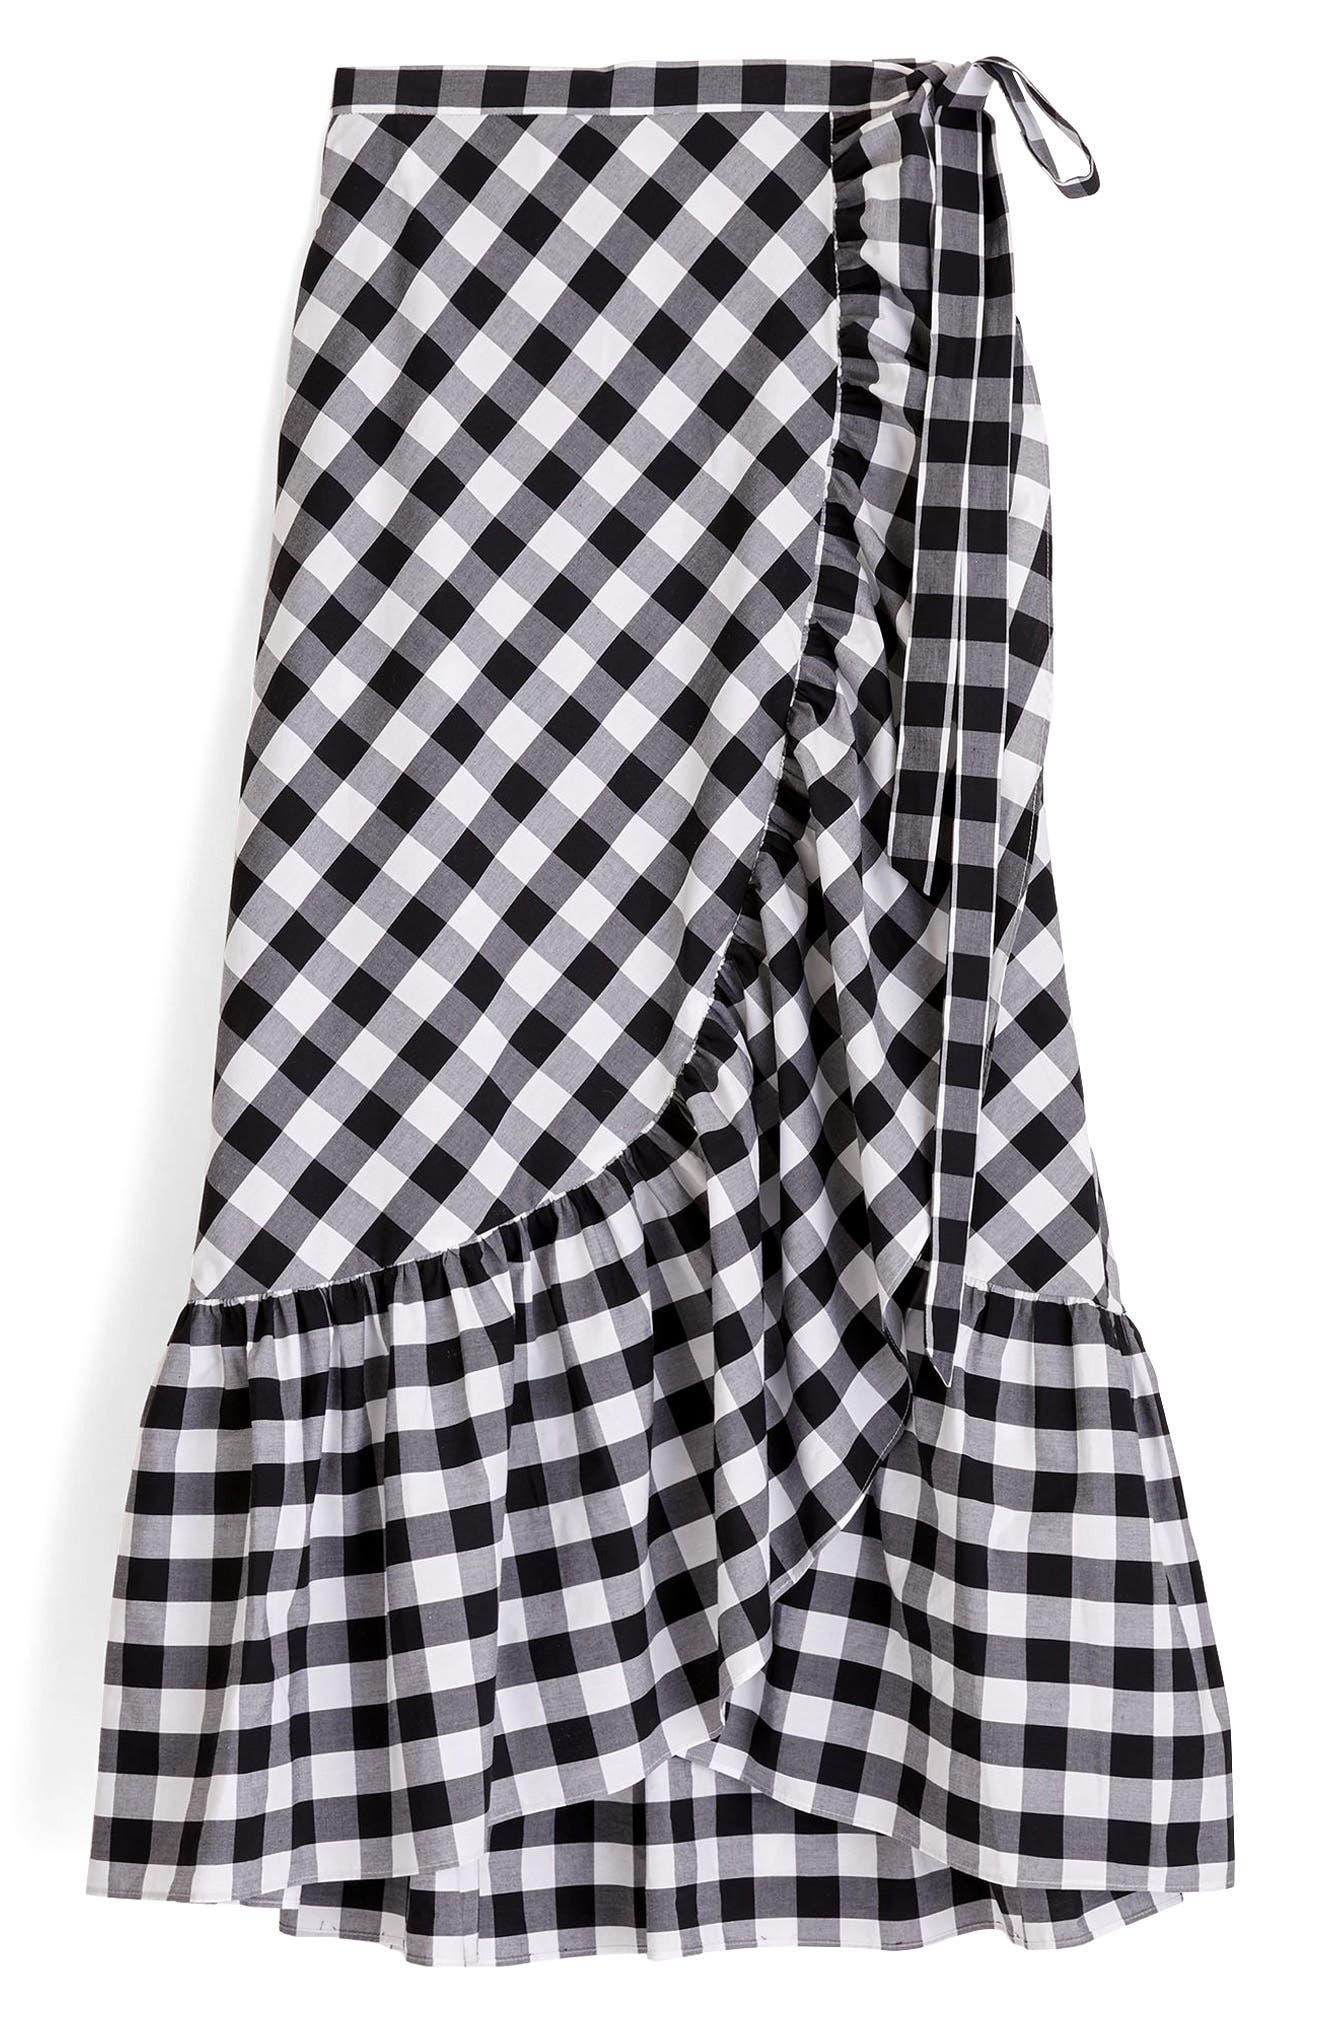 Gingham Ruffle Wrap Skirt,                             Alternate thumbnail 4, color,                             Black